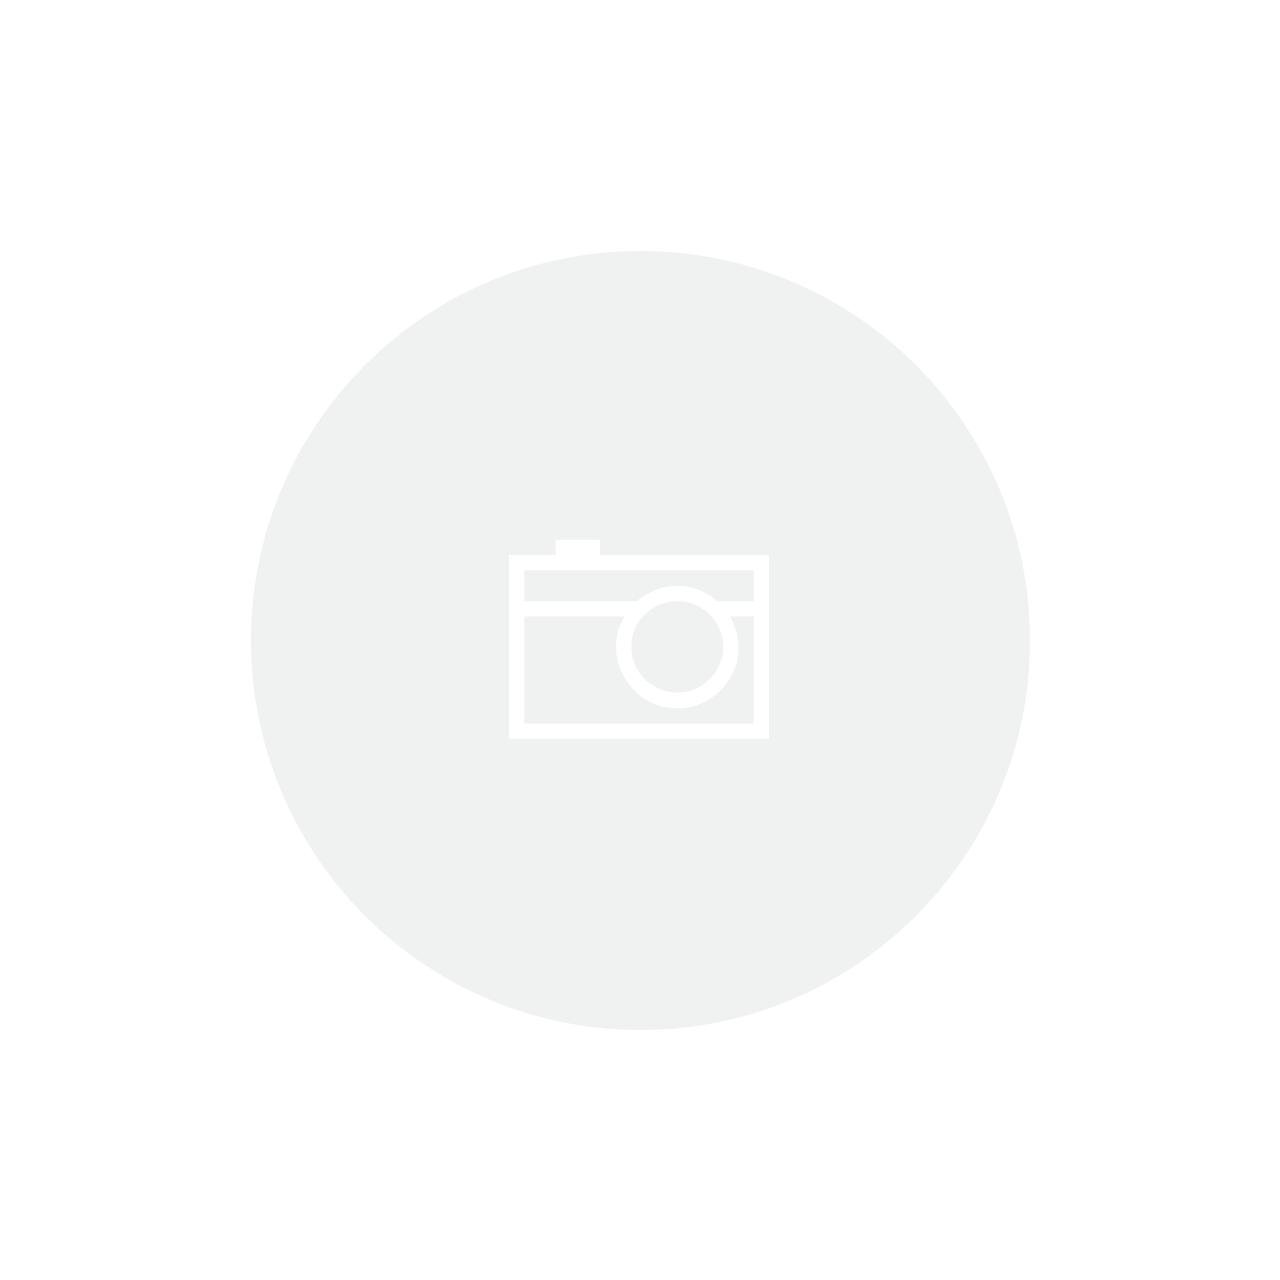 Mesa Plástica de Apoio Peruibe Branca Basic Tramontina